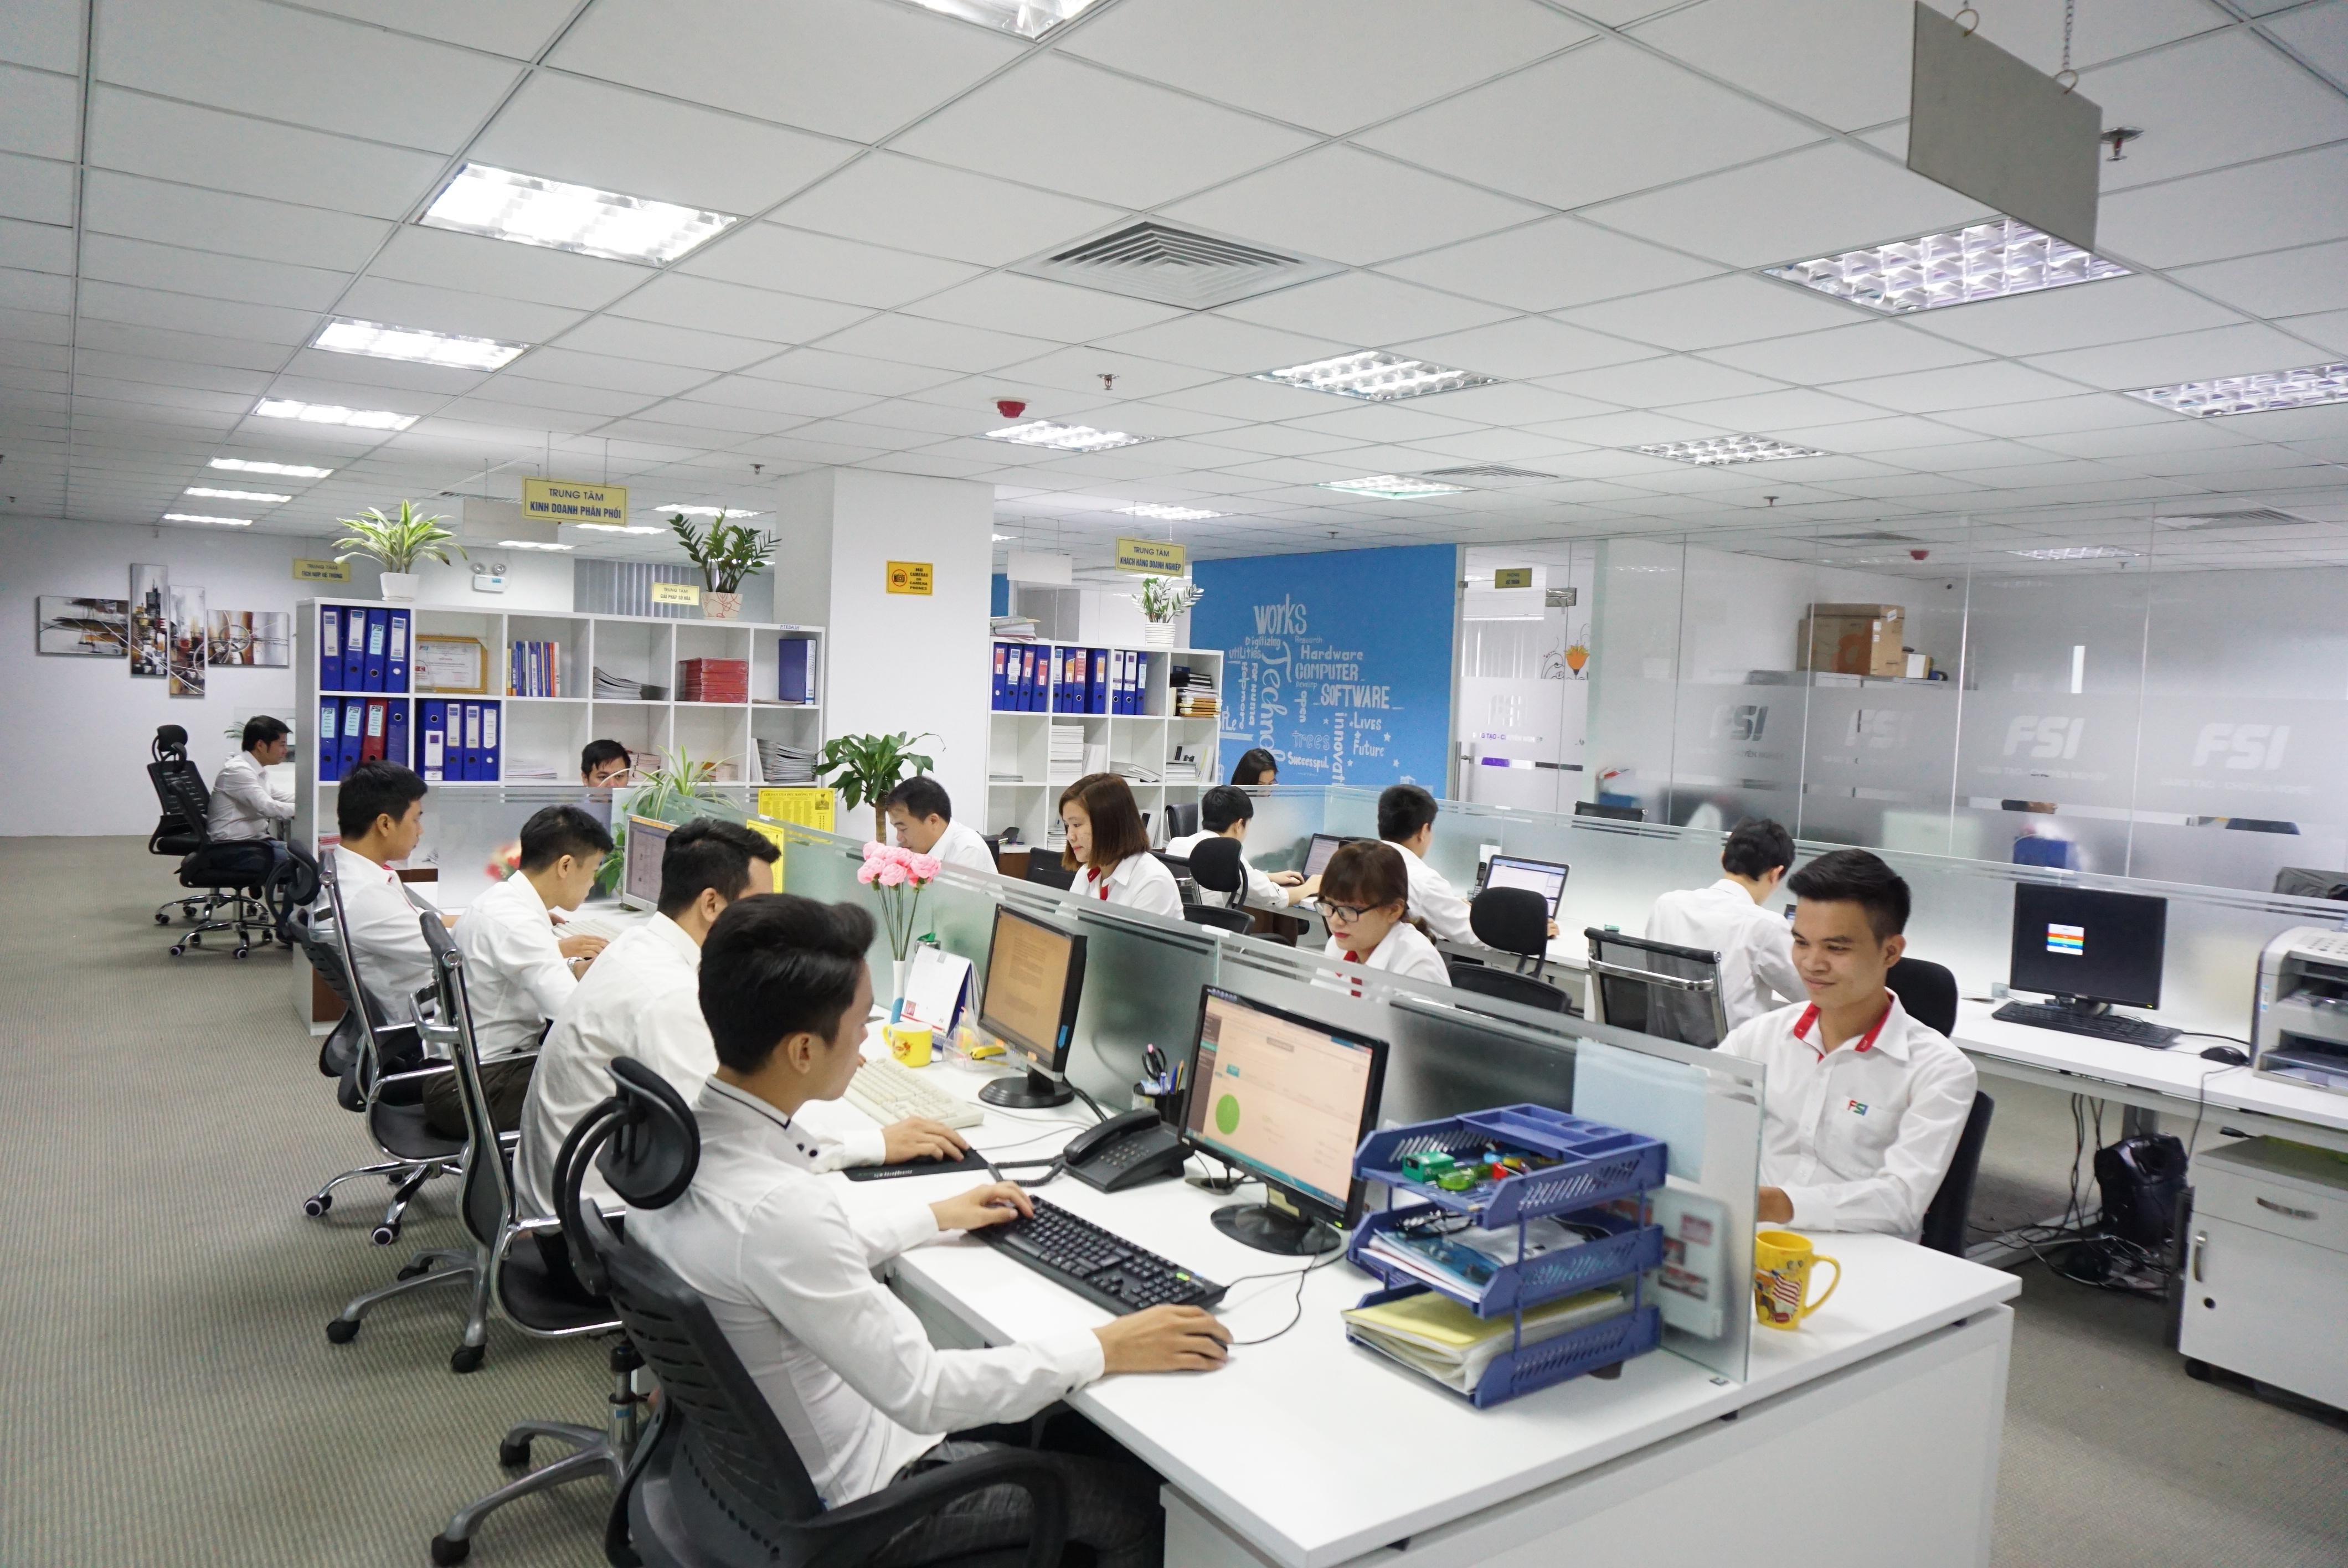 FSI – Doanh nghiệp hàng đầu về chuyển đổi số doanh nghiệp